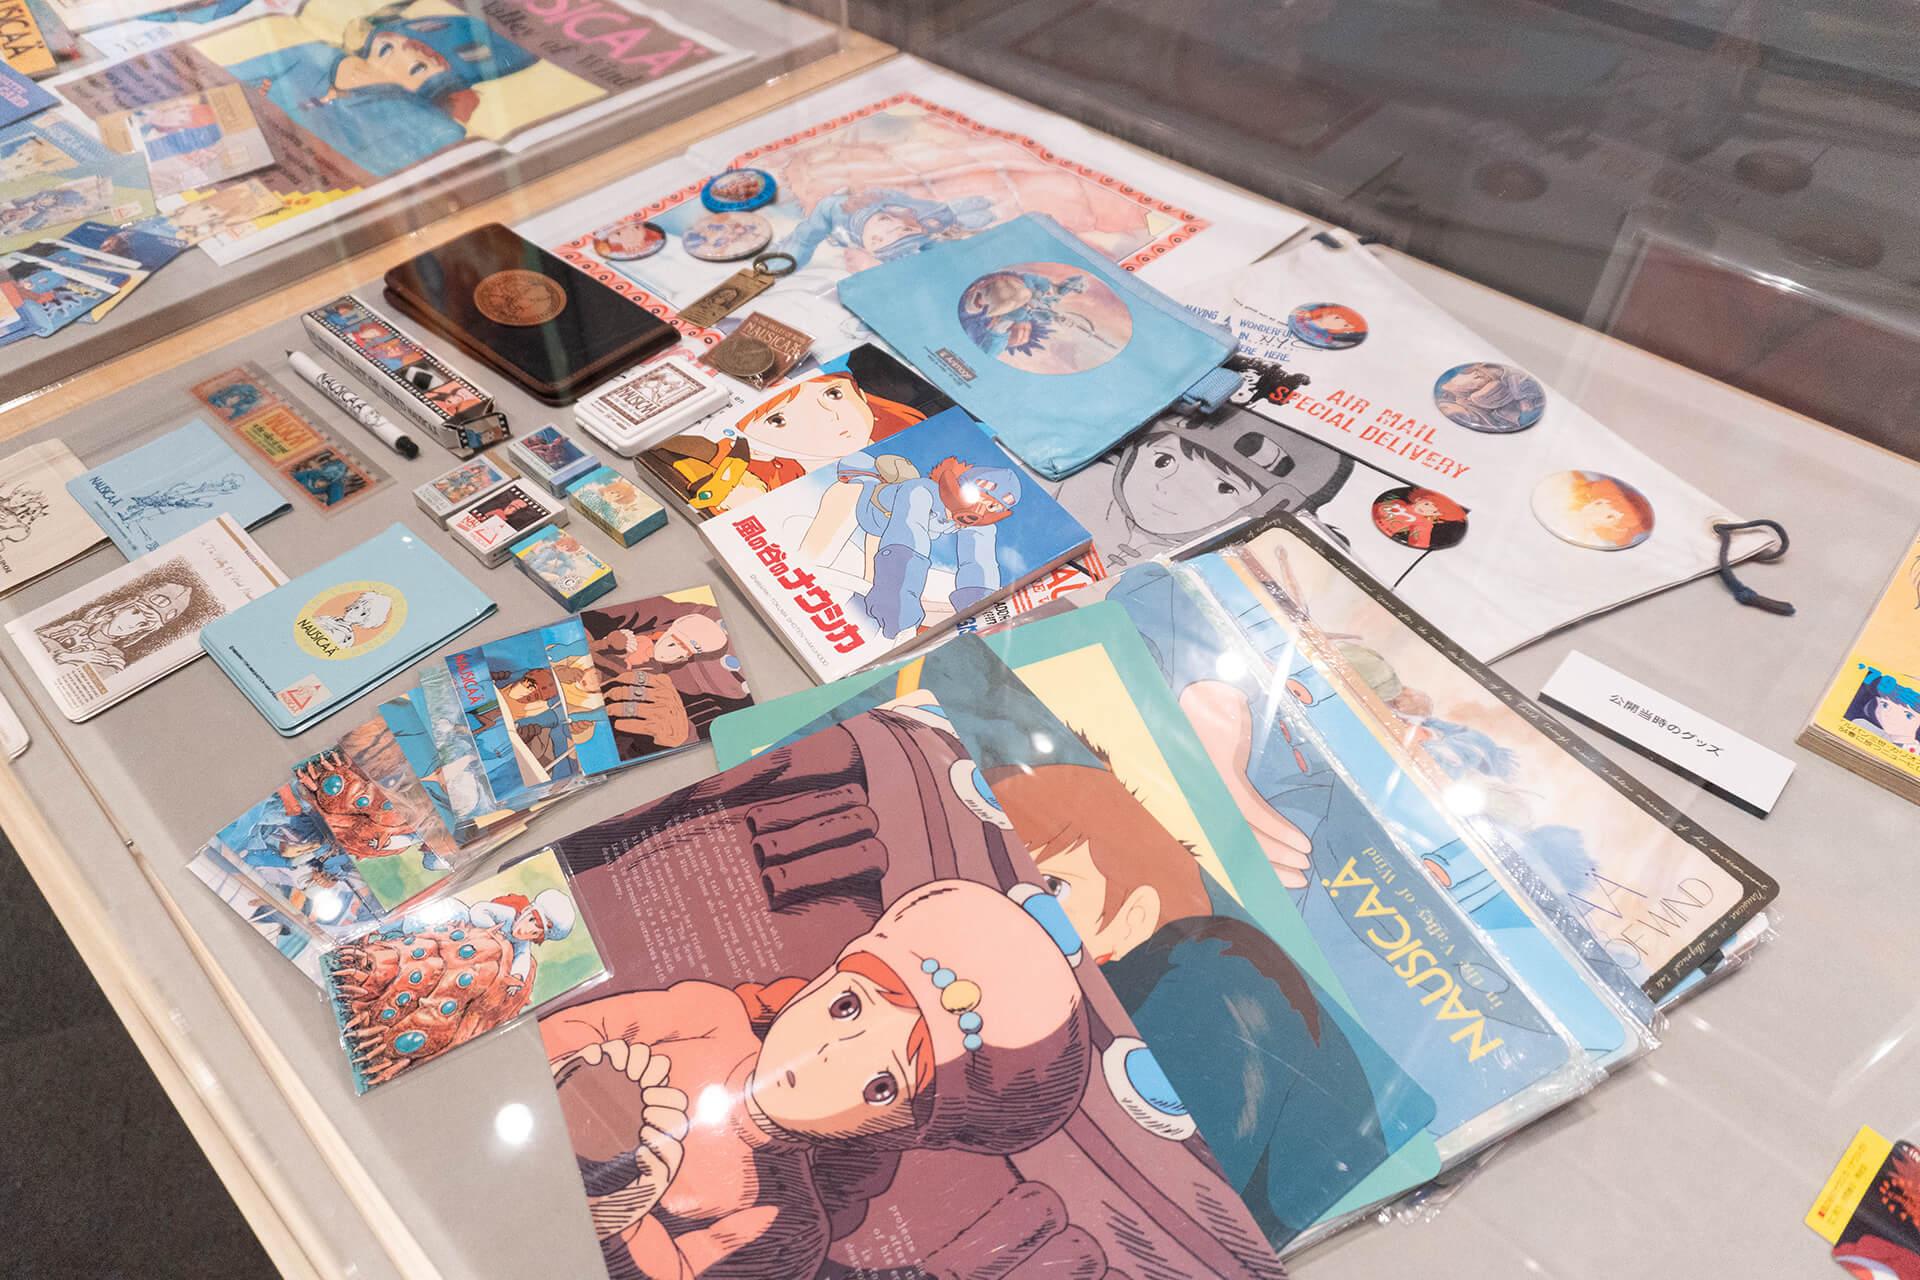 『「アニメージュとジブリ展 」一冊の雑誌からジブリは始まった』